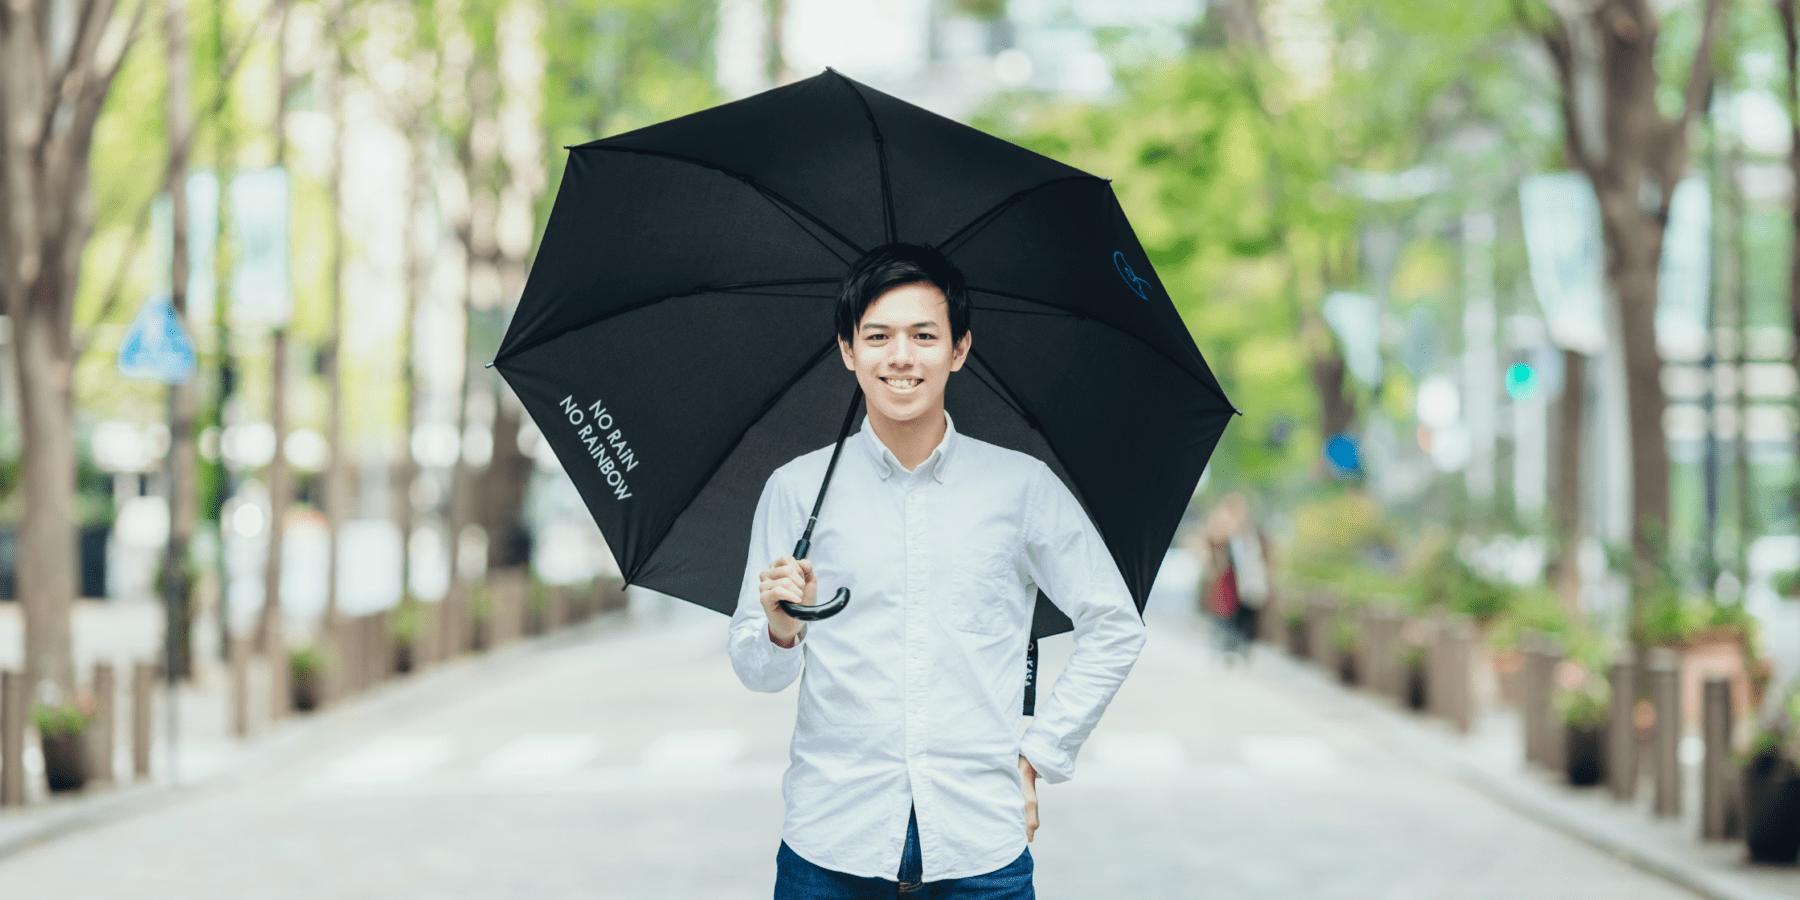 日本から使い捨て傘をゼロに。アイカサの新プロダクト「リペアブルな傘」